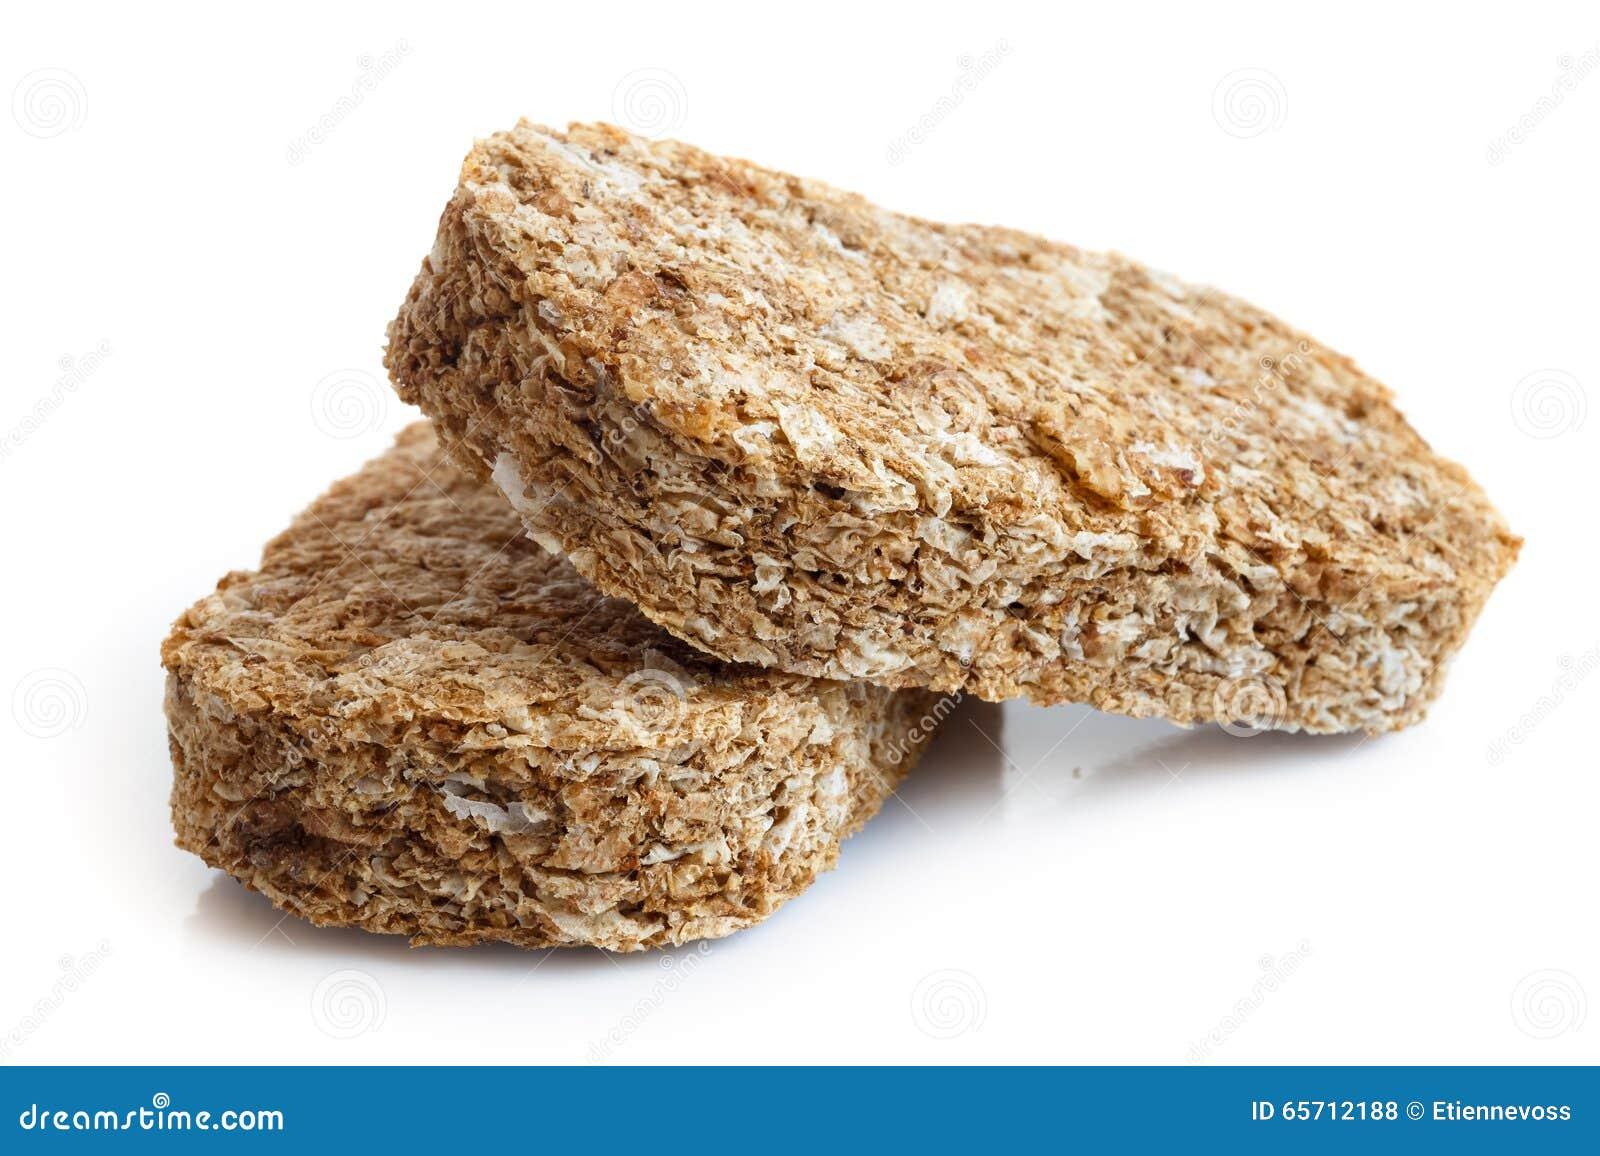 Biscuits de petit déjeuner de blé entier